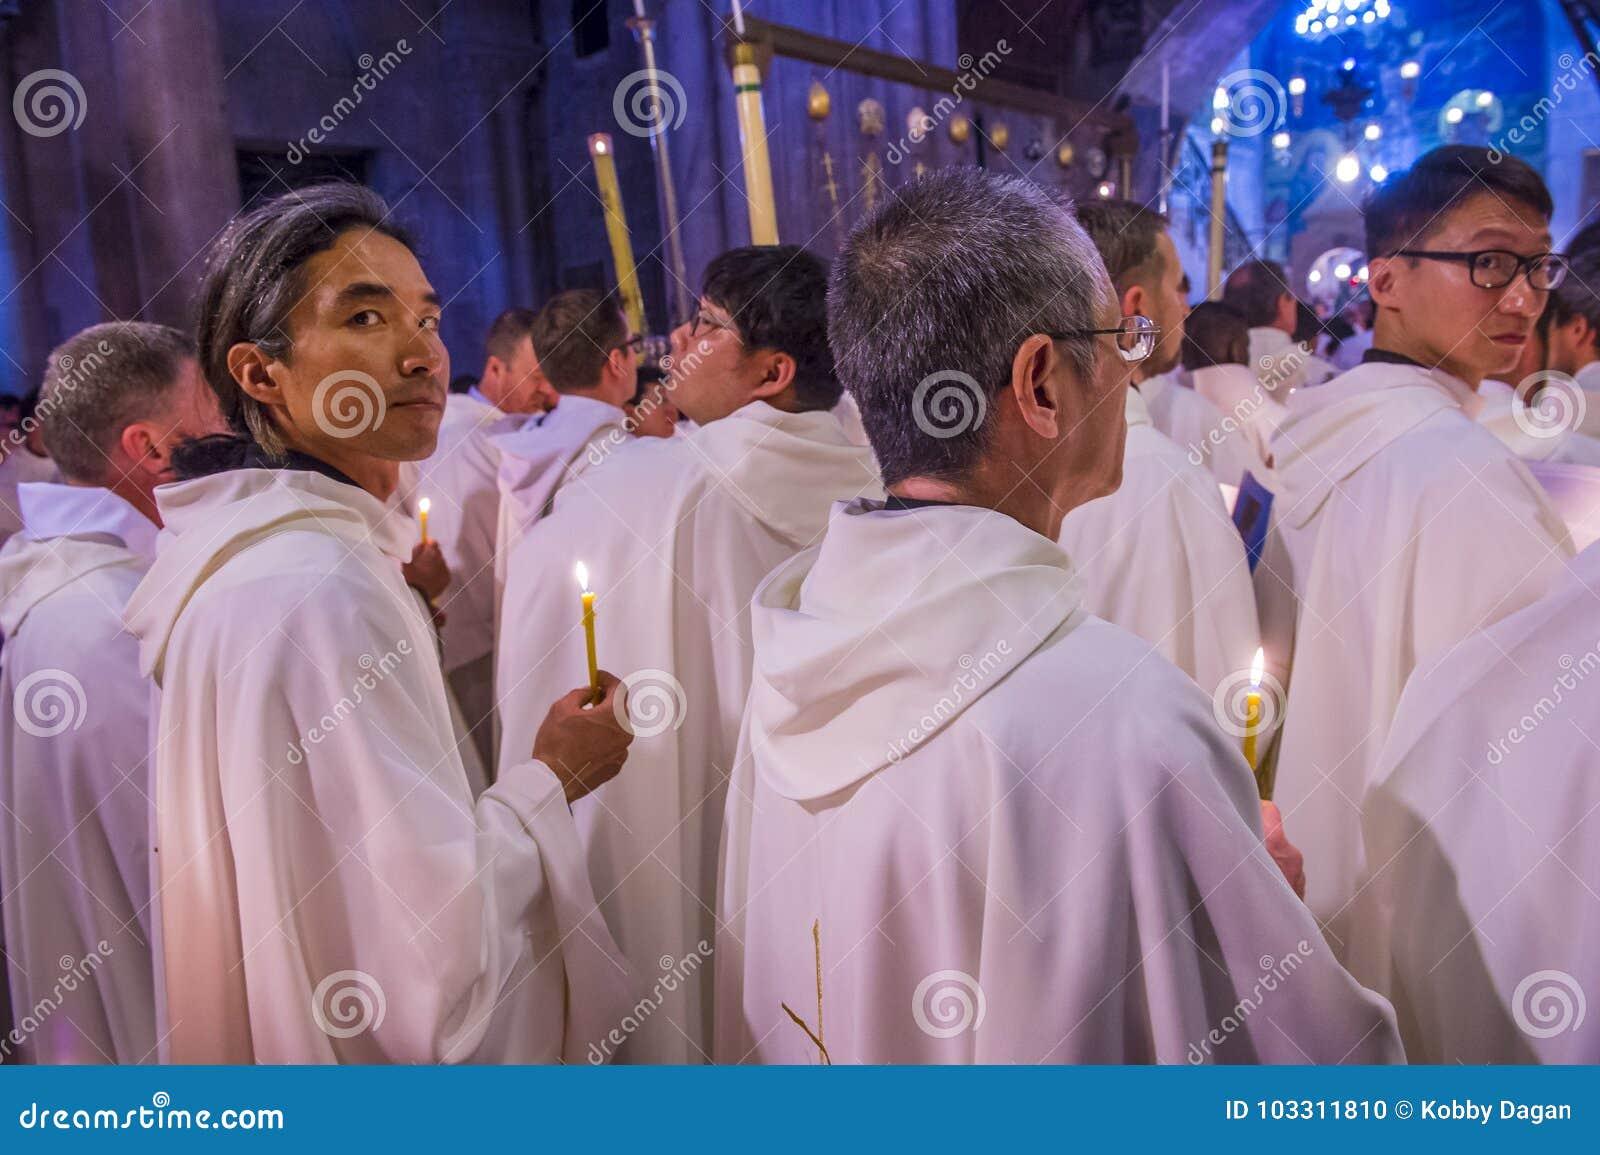 vom priester in der kirche gefickt